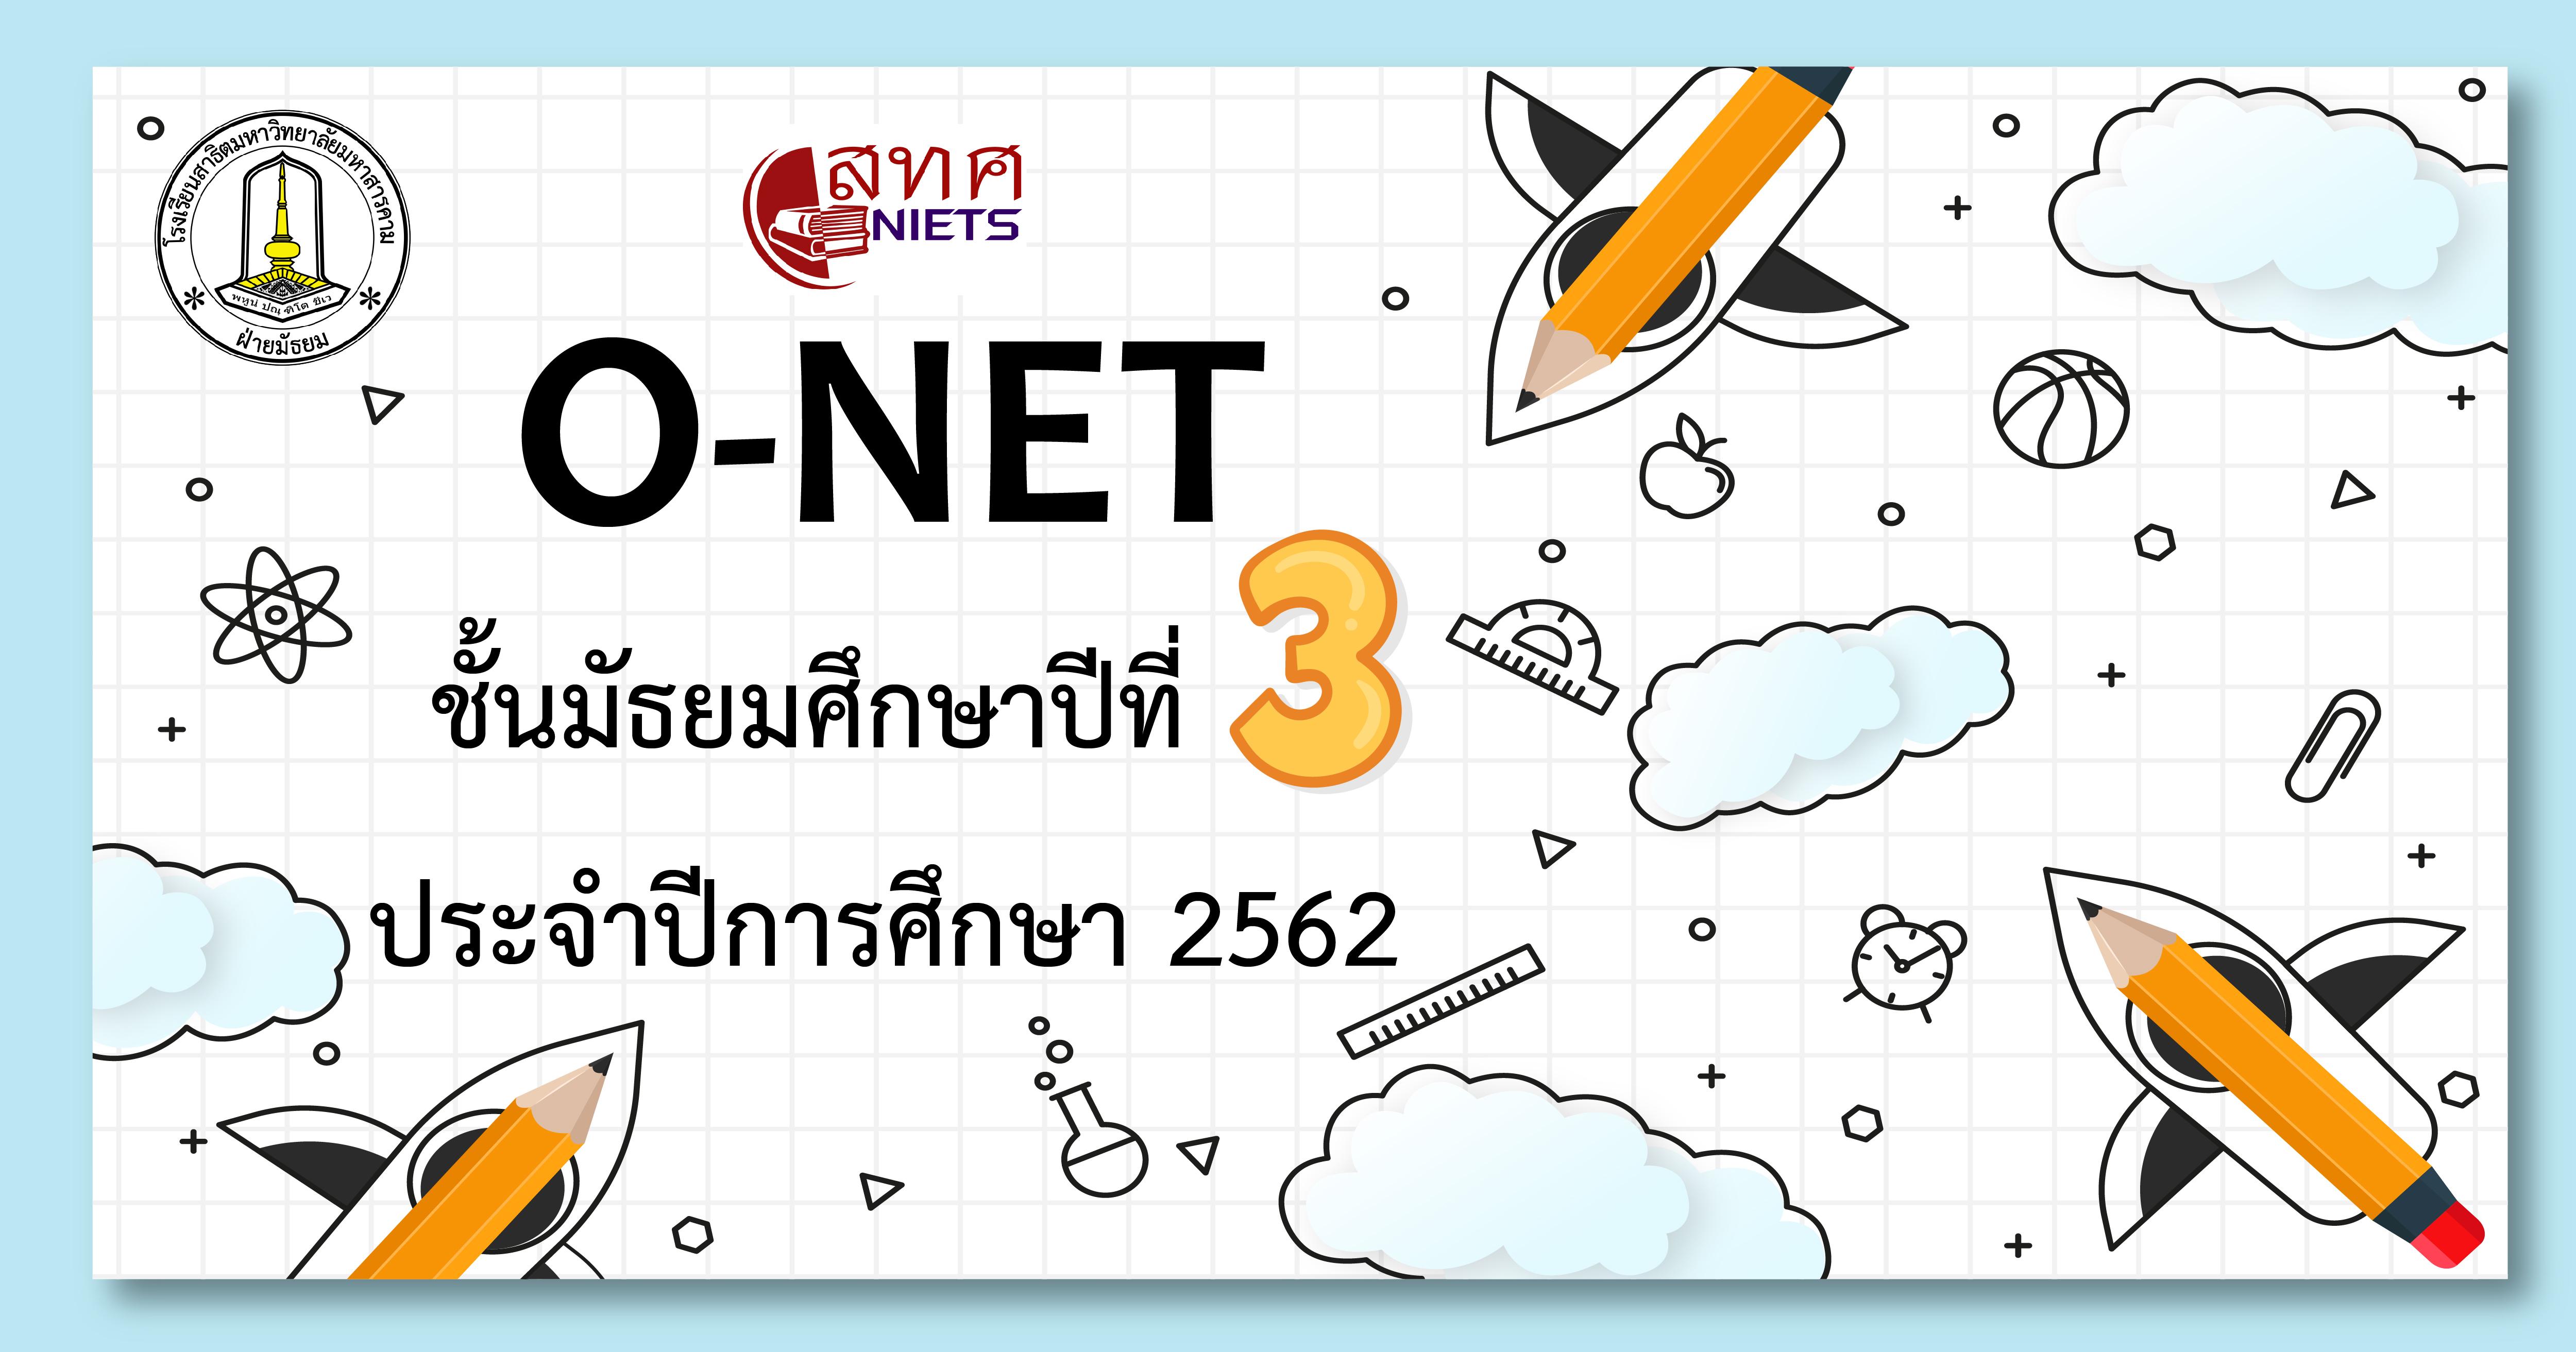 ขอแสดงความยินดีกับนักเรียน ชั้นมัธยมศึกษาปีที่ 3 โรงเรียนสาธิตมหาวิทยาลัยมหาวิทยาลัยมหาสารคาม (ฝ่ายมัธยม) ปีการศึกษา 2562 ที่มีผลสอบ O-NET ยอดเยี่ยม